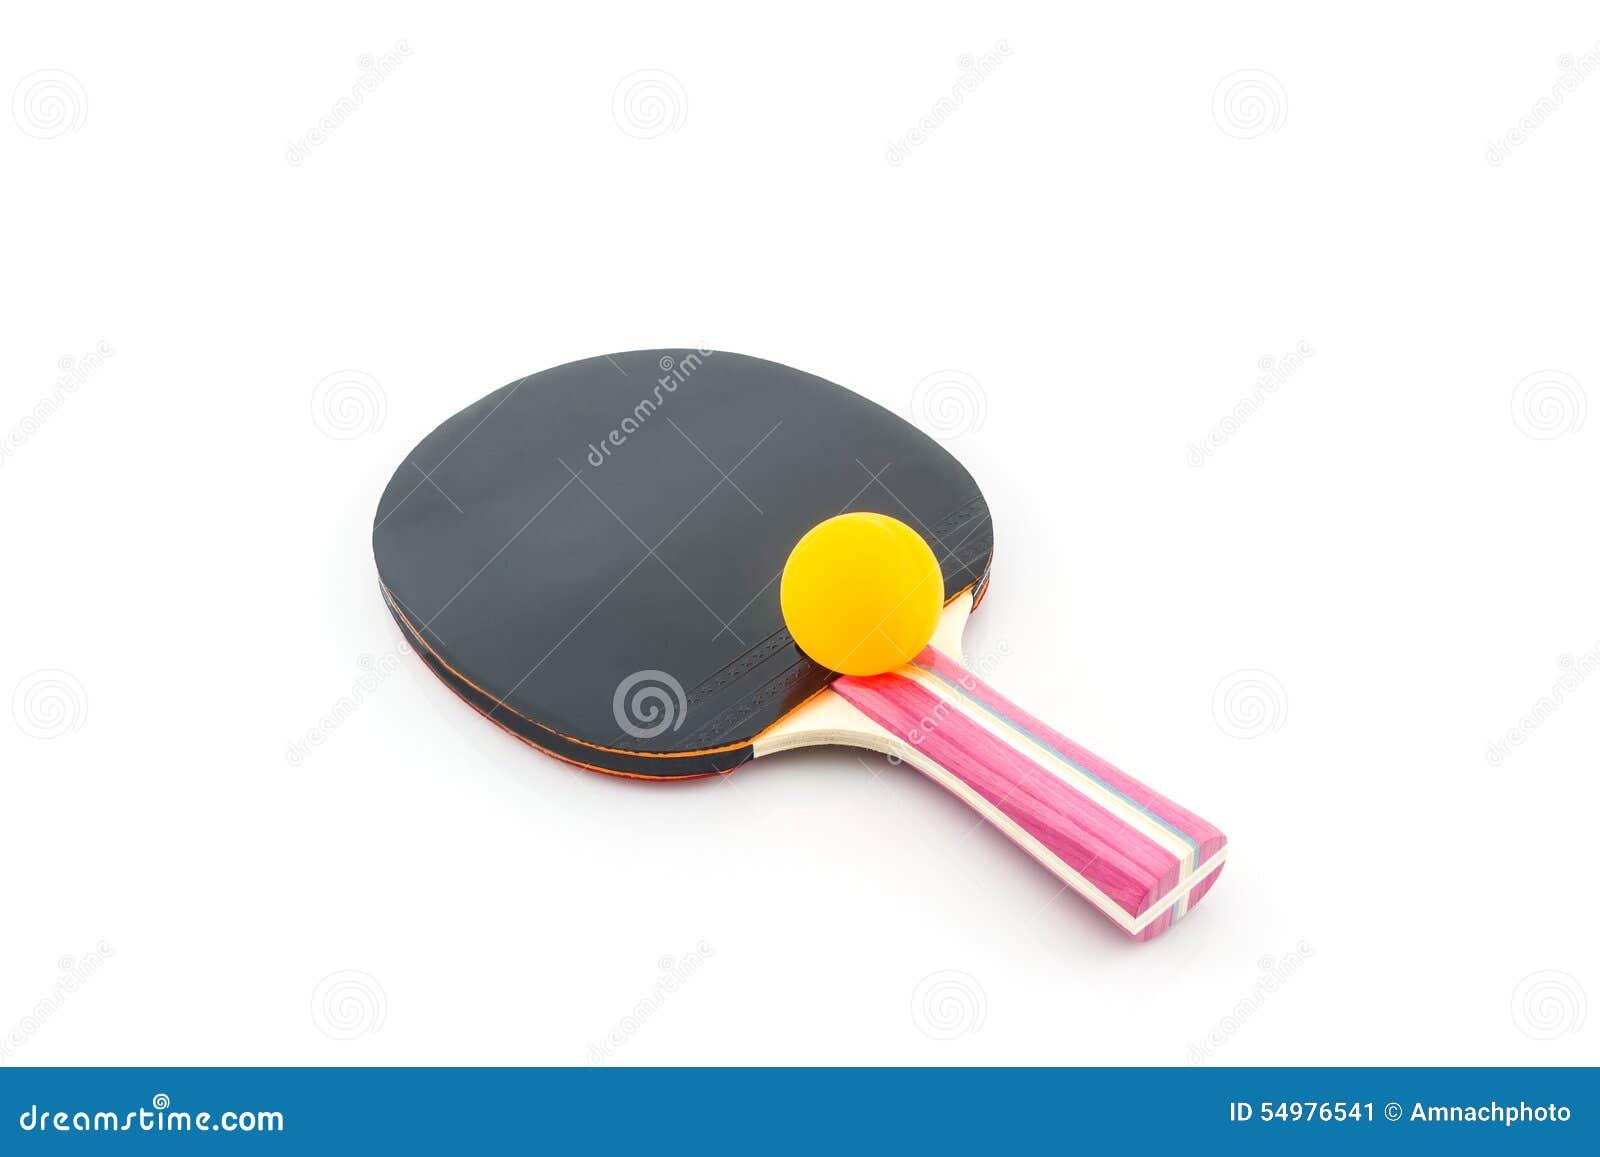 乒乓球(乒乓球)球拍和球